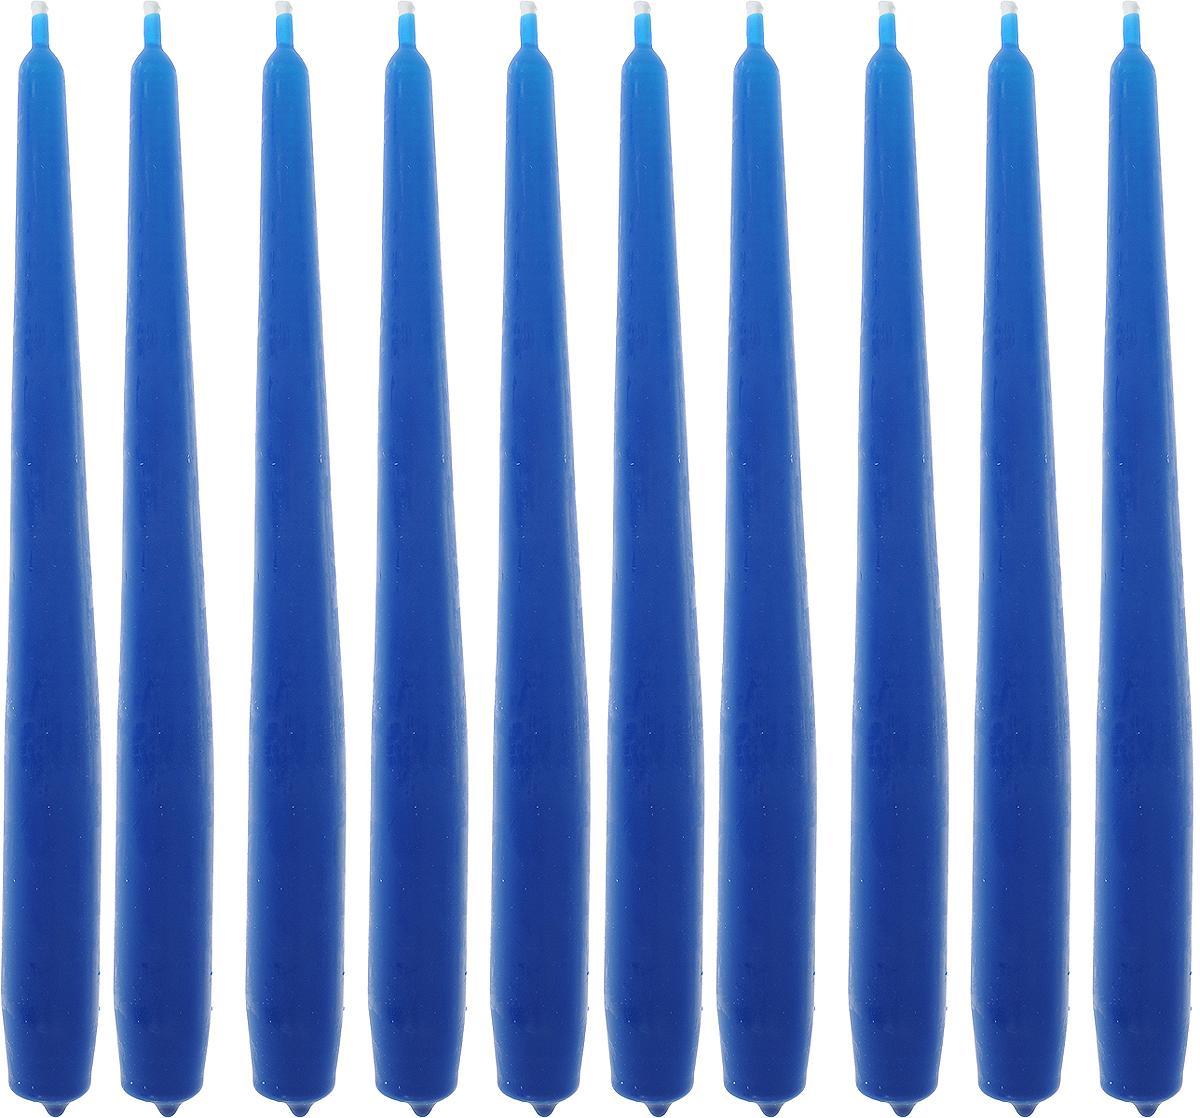 """Набор свечей """"Омский cвечной завод"""", цвет: синий, высота 24 см, 10 шт"""